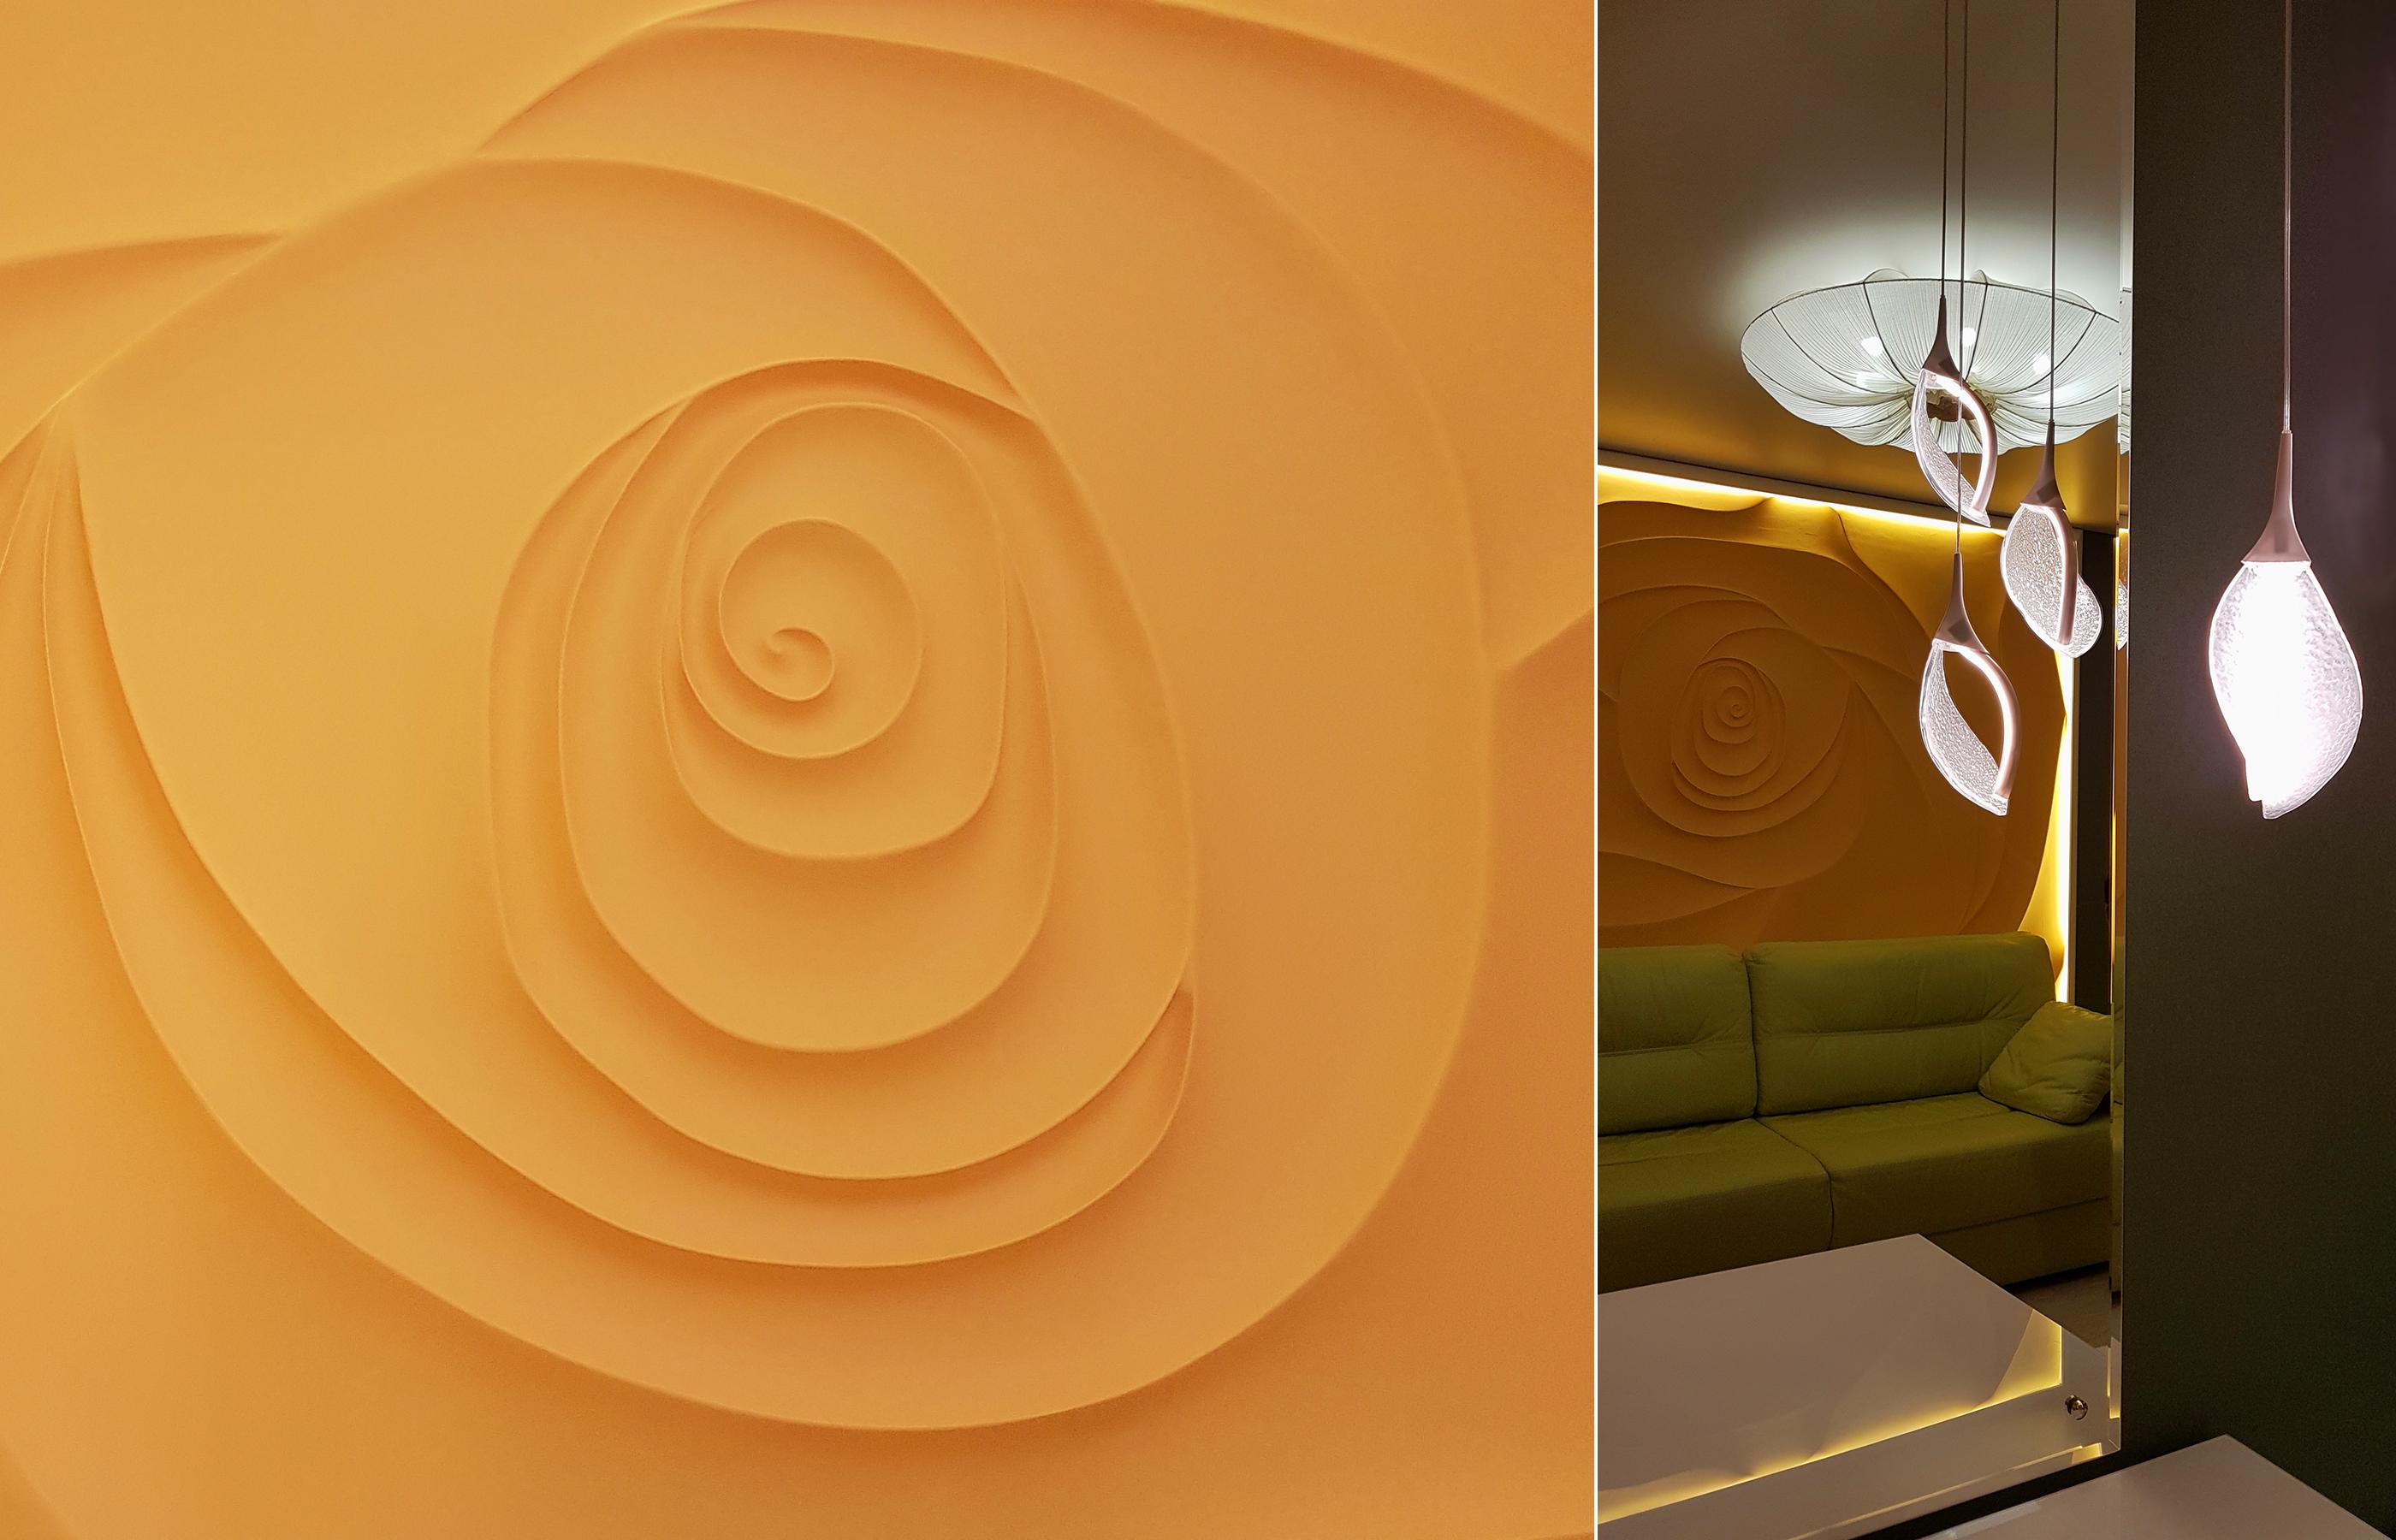 Рельефный гипсовый цветок на стене - главное украшение этого интерьера